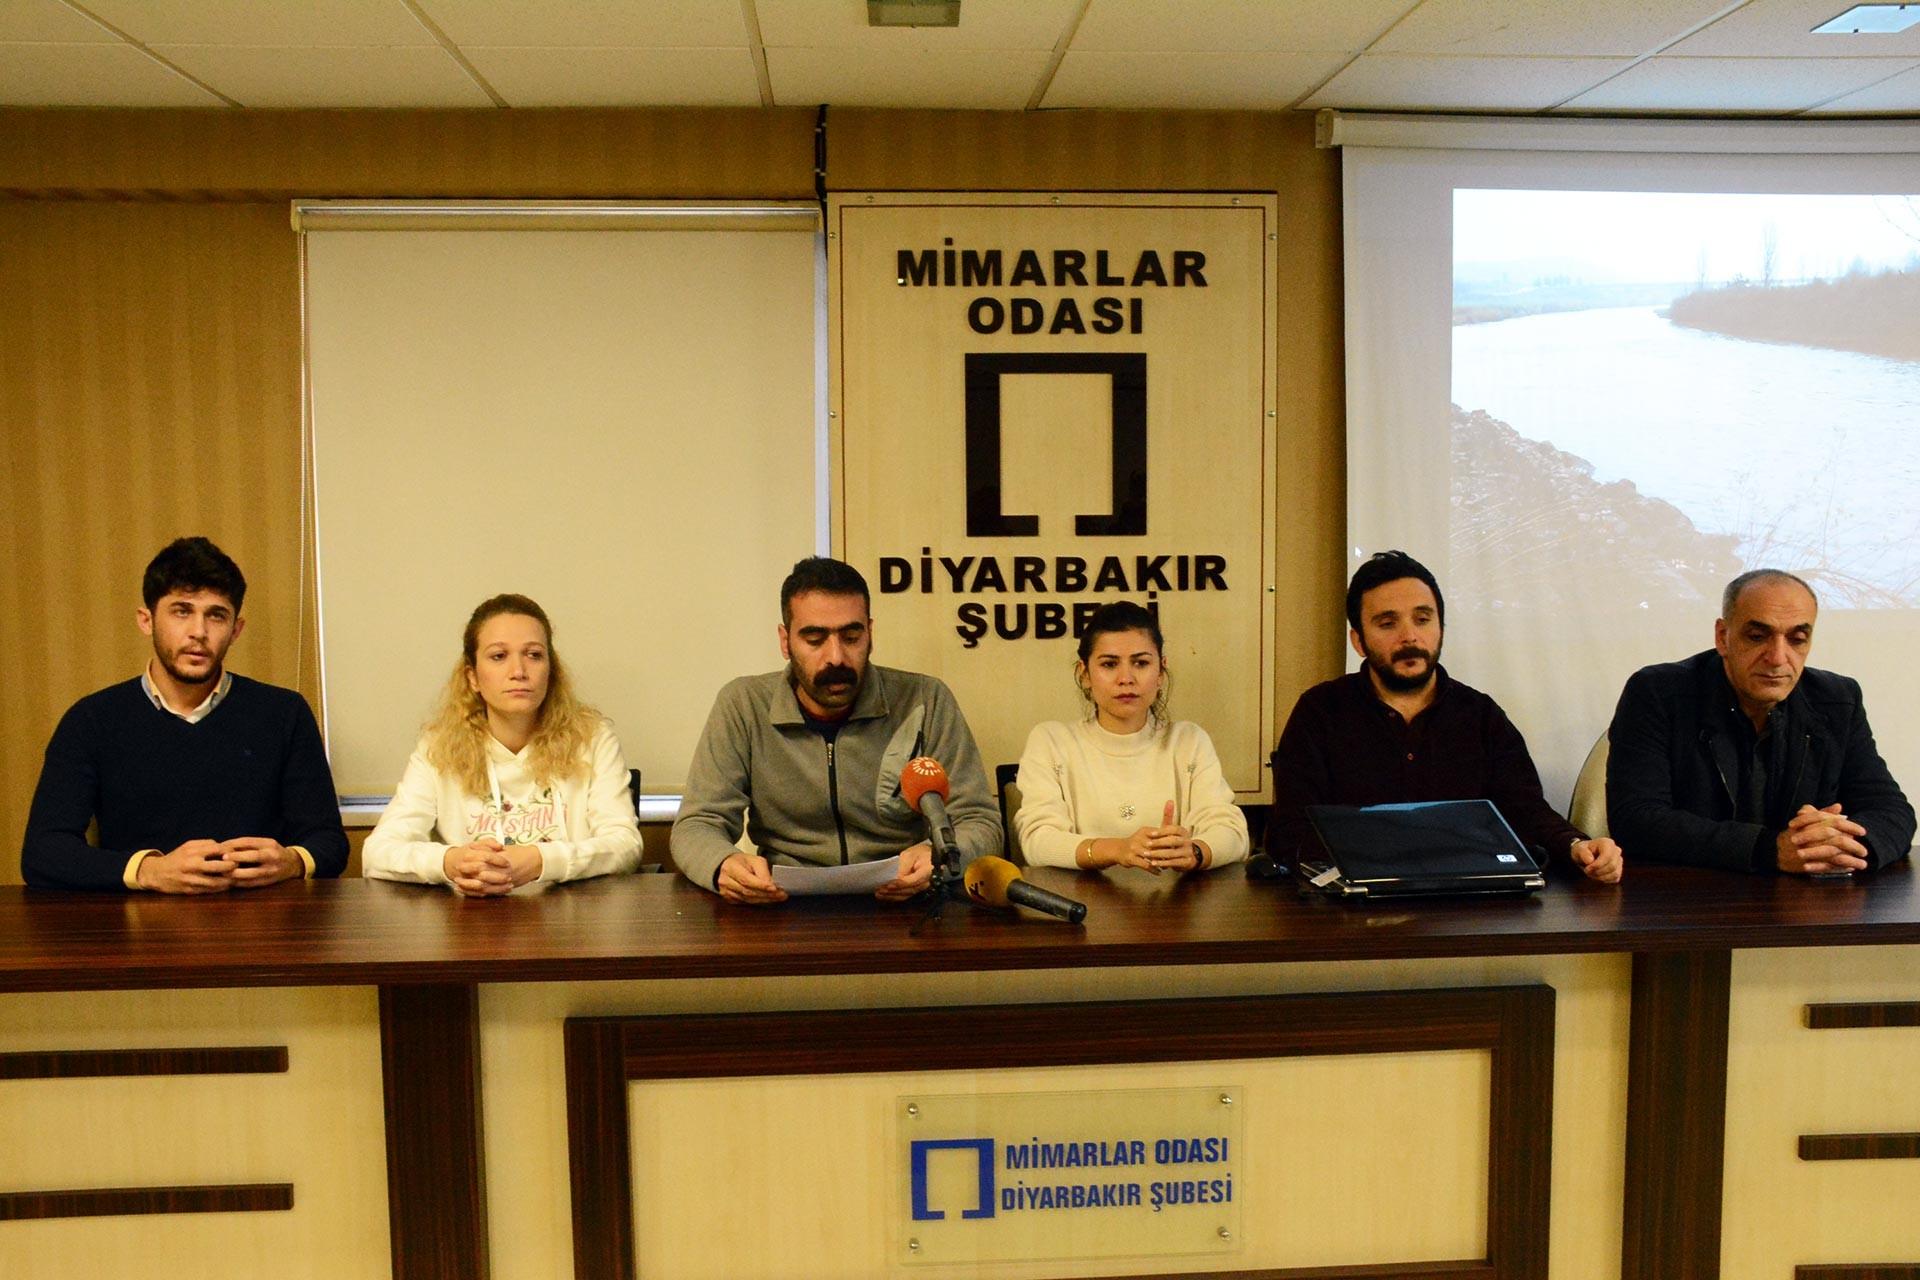 Diyarbakır Mimarlar Odası Sur'la ilgili açıklama yaptı